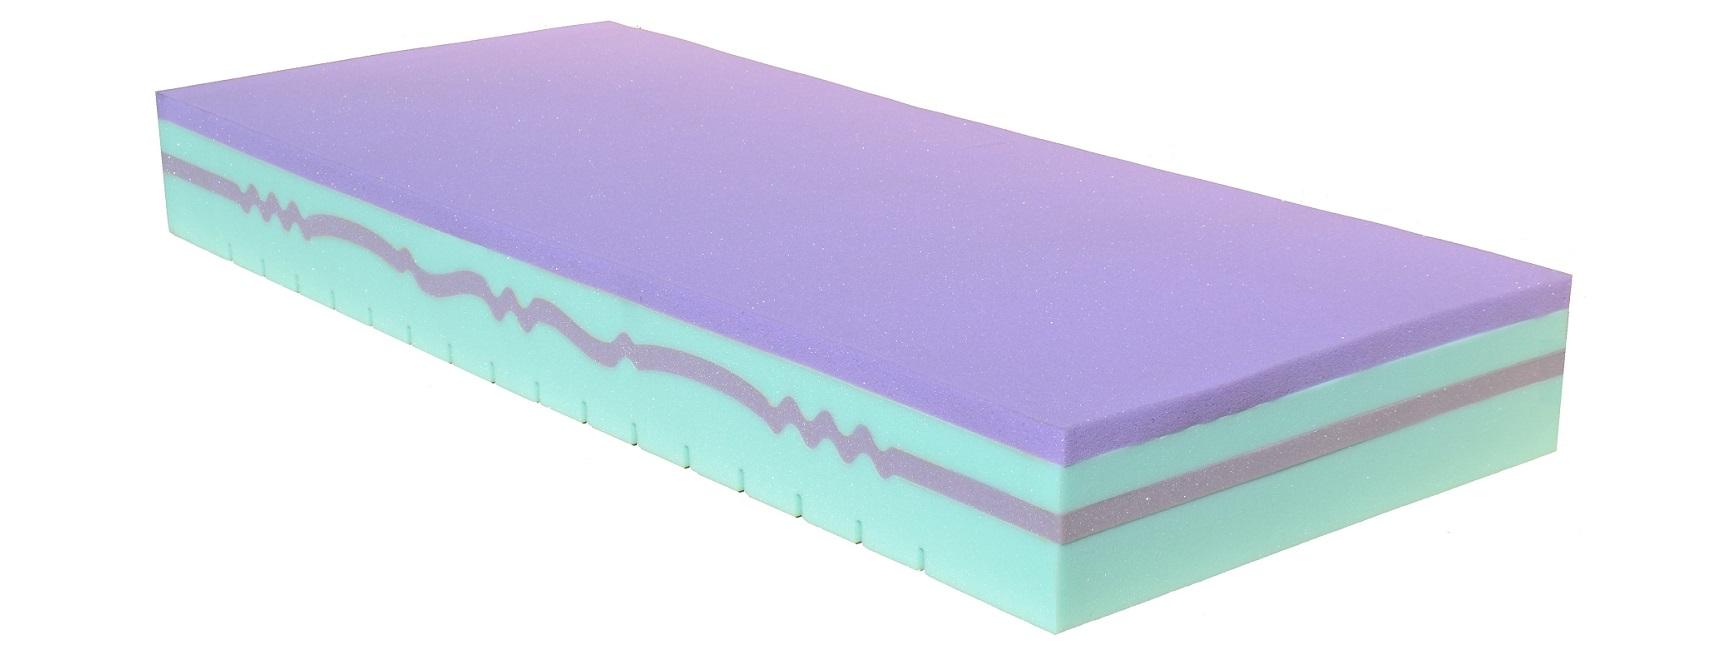 Ice Foam